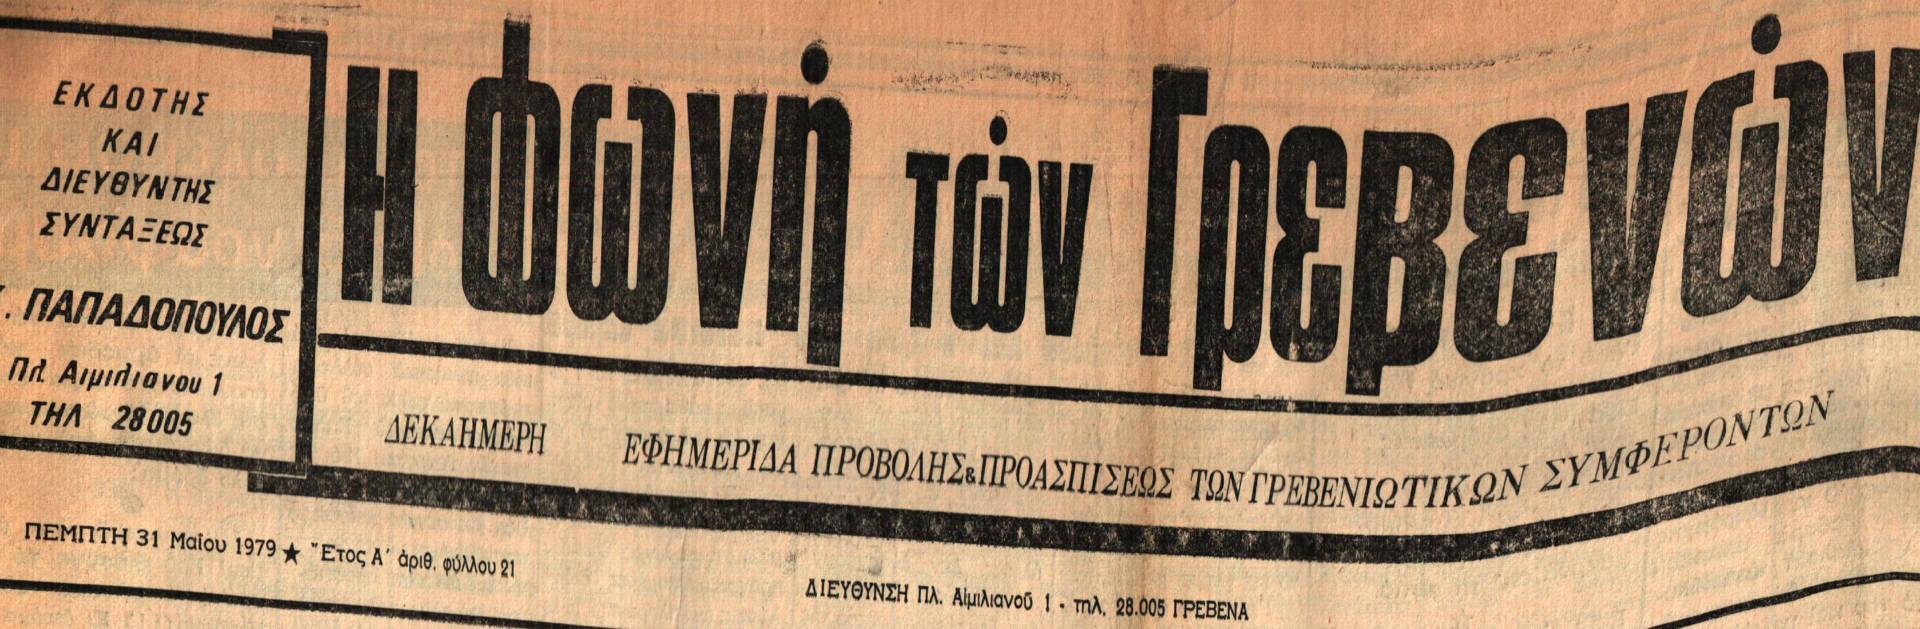 Η ιστορία των Γρεβενών μέσα από τον Τοπικό Τύπο.Σήμερα: Διοργανώνουν εκδρομές οι Γρεβενιώτες της Αθήνας